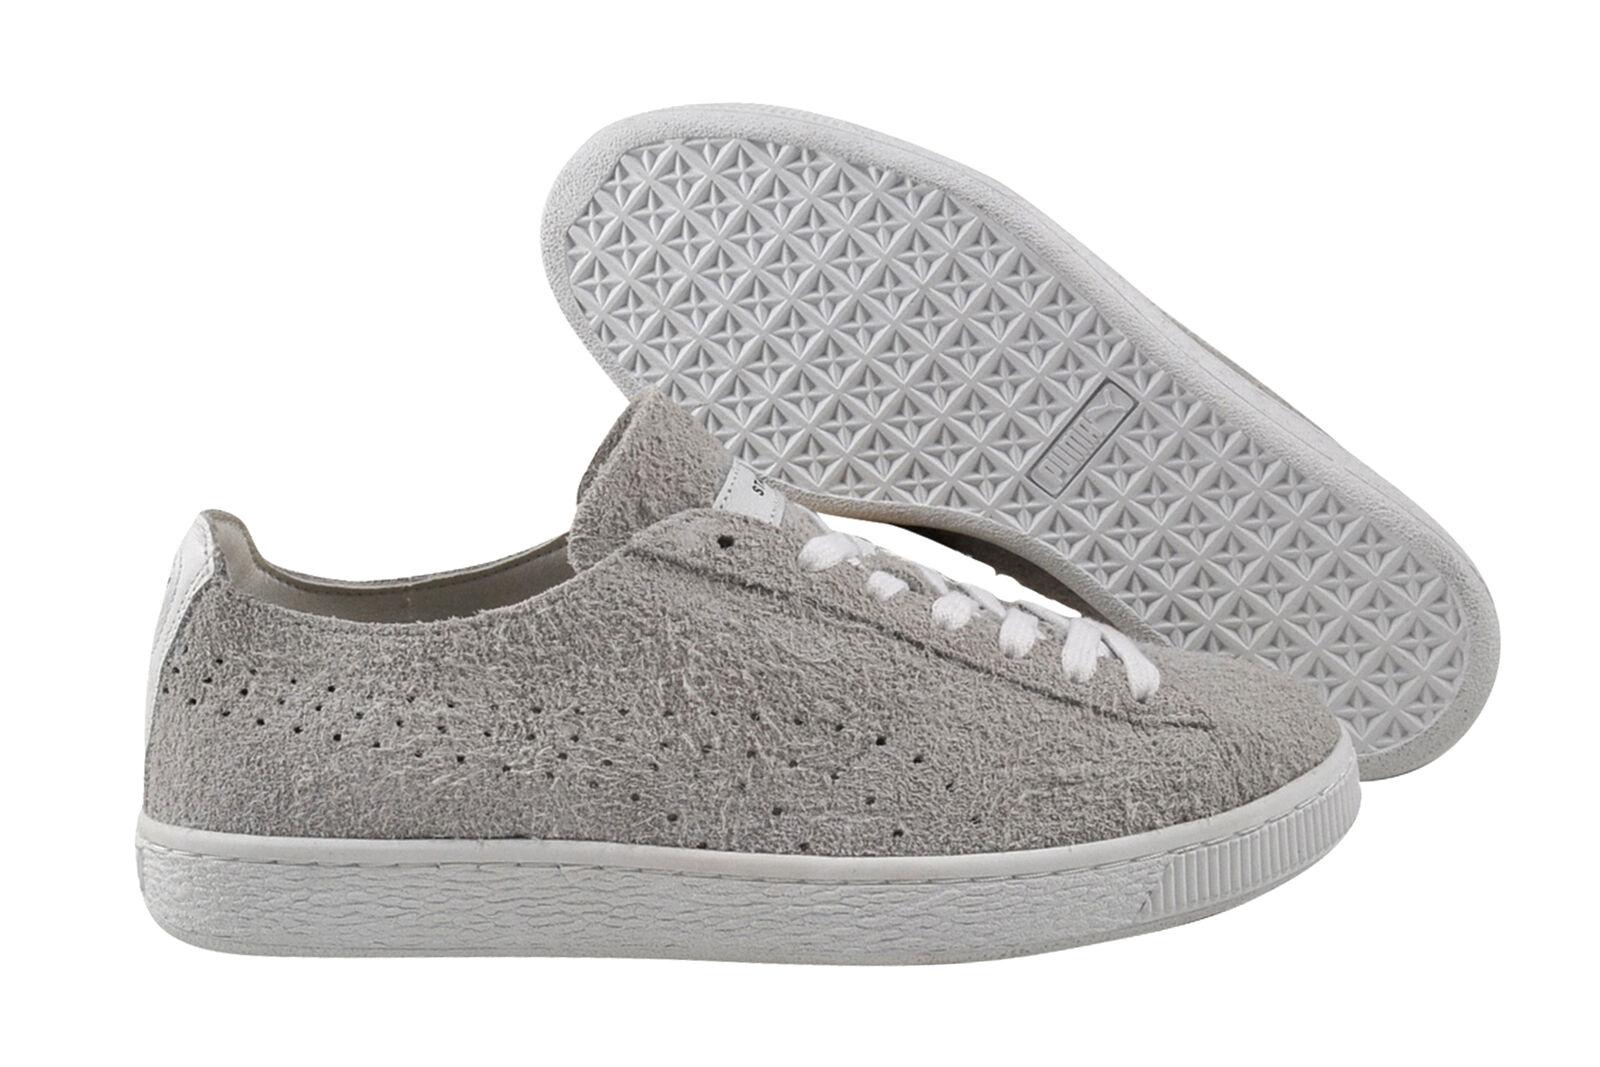 Puma States X Stampd Weiß Turnschuhe Schuhe weiß 361491 03